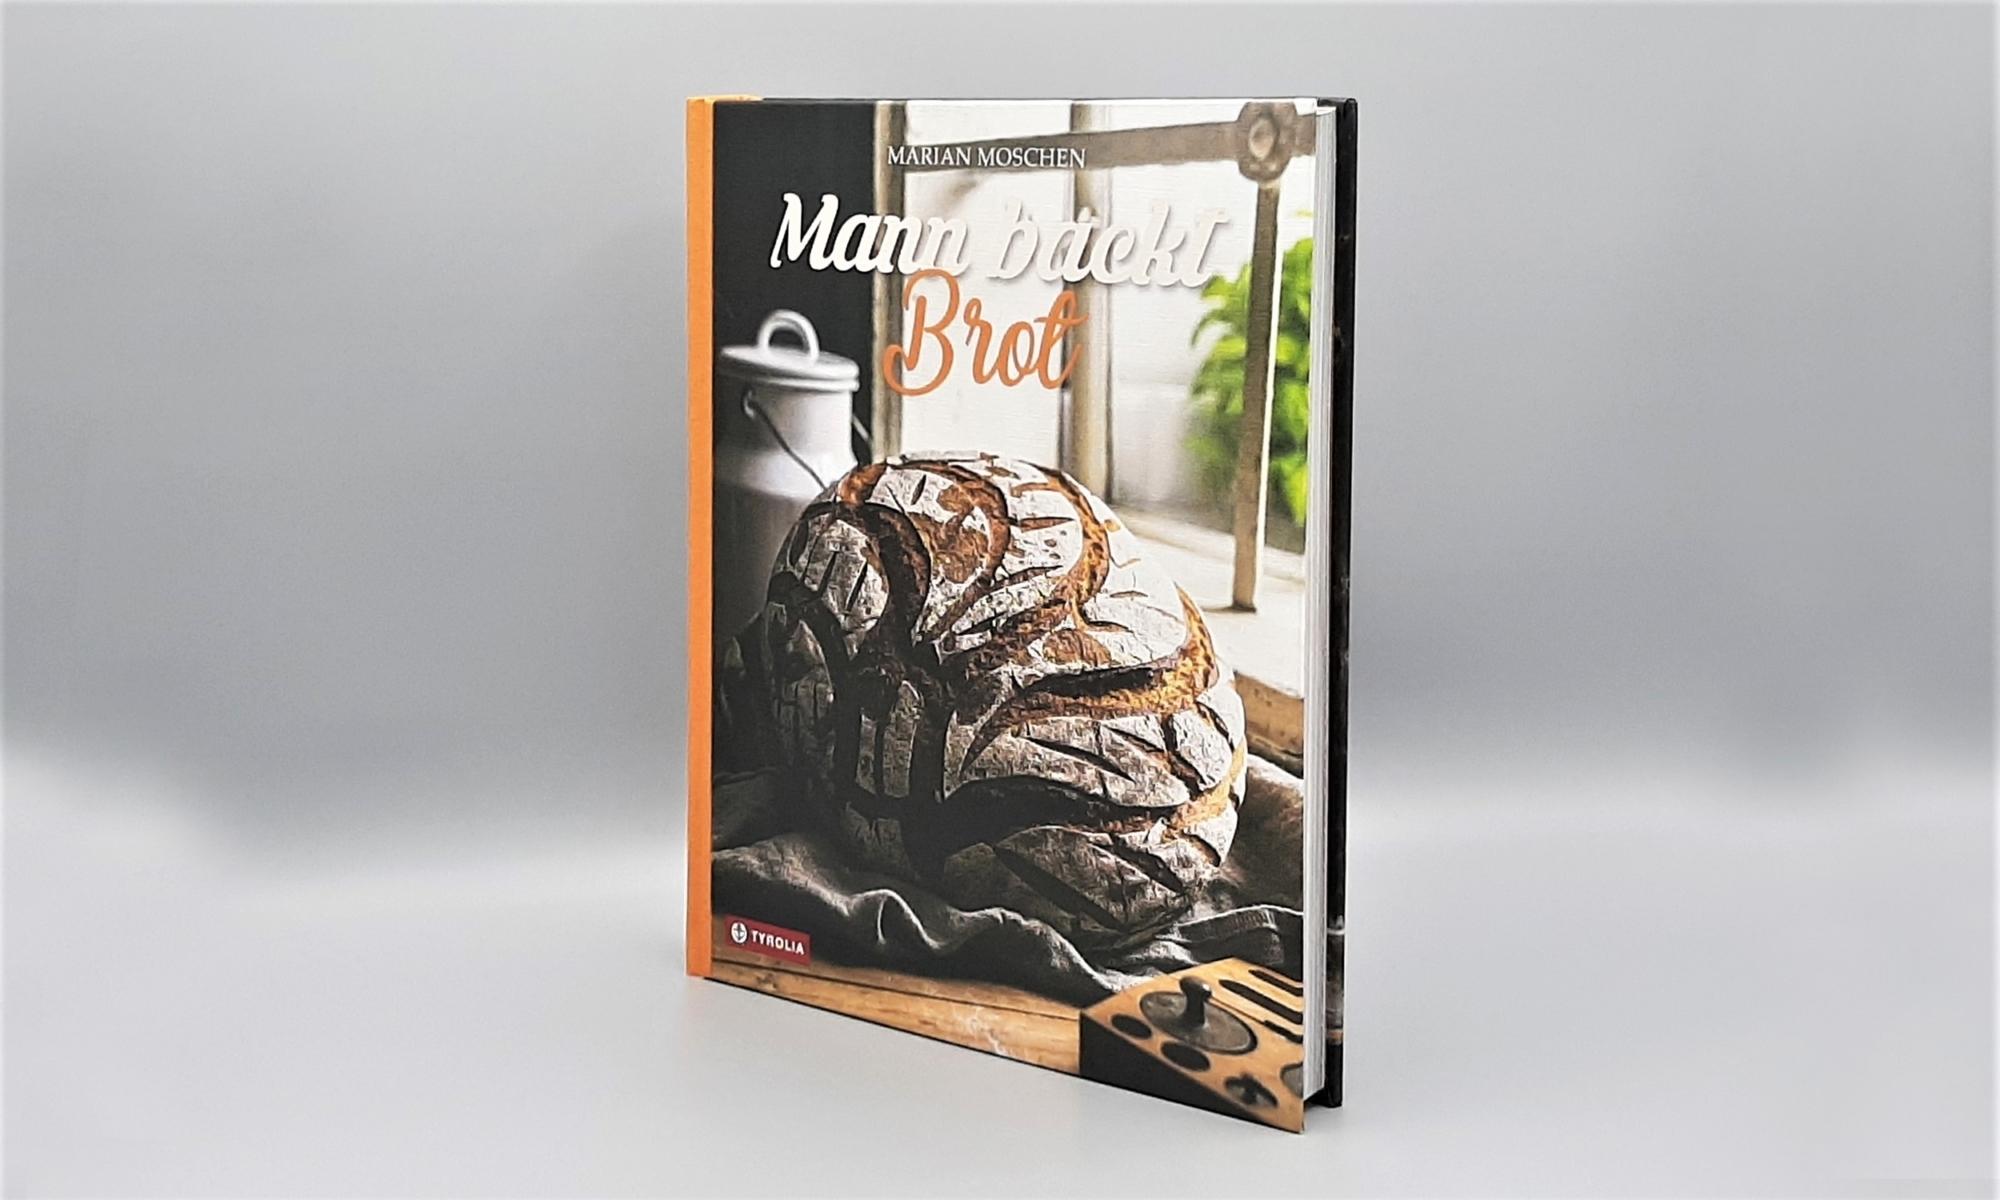 Mann backt Brot1